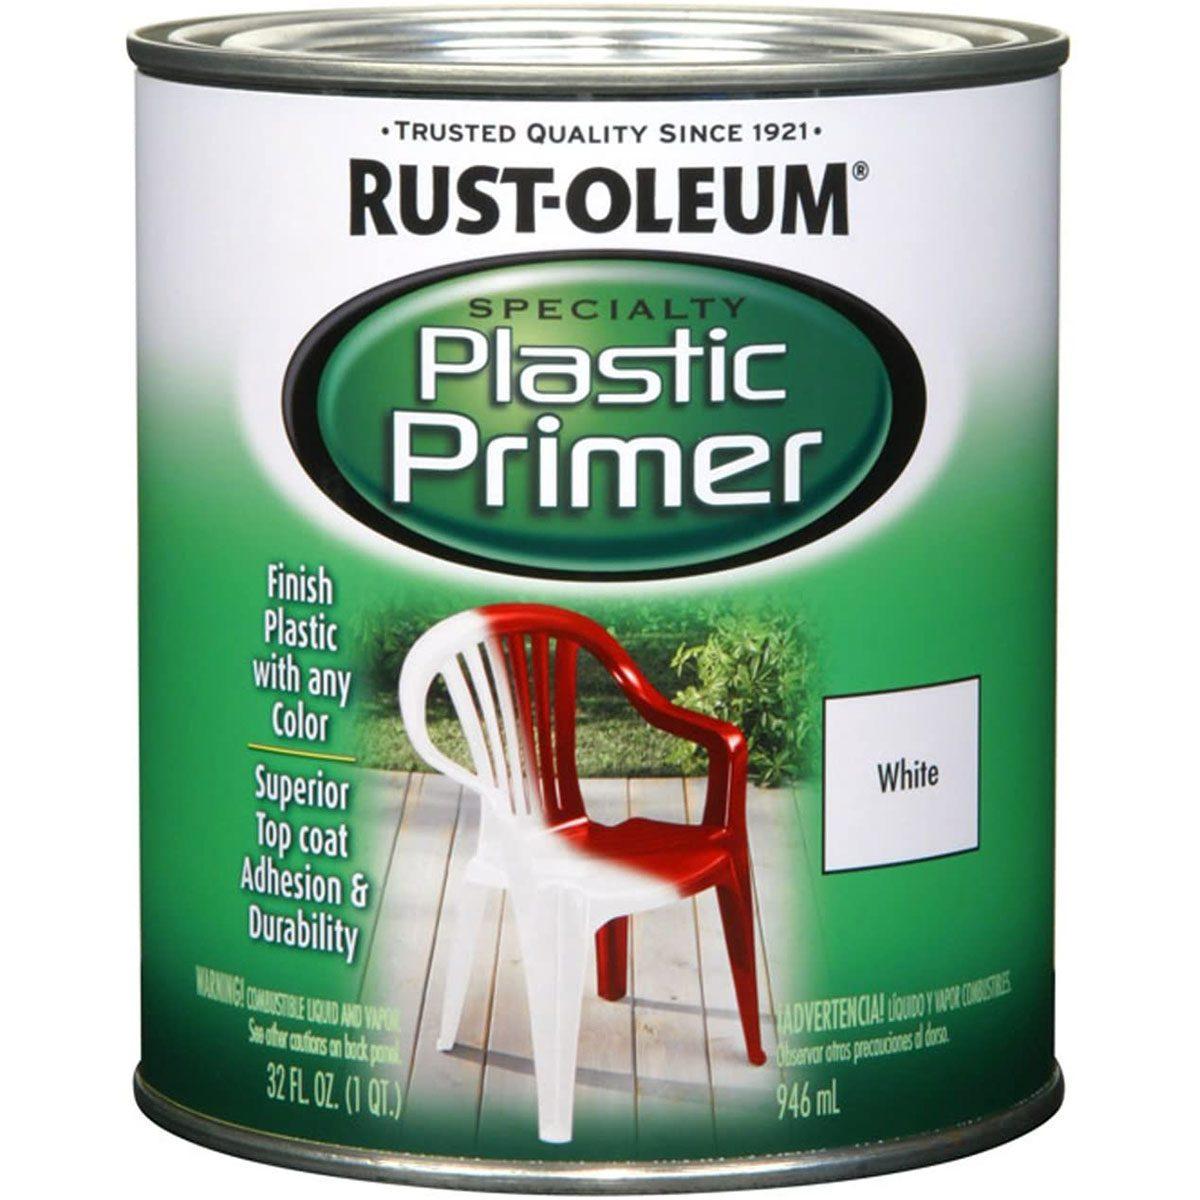 Can of Rust-Oleum plastic primer